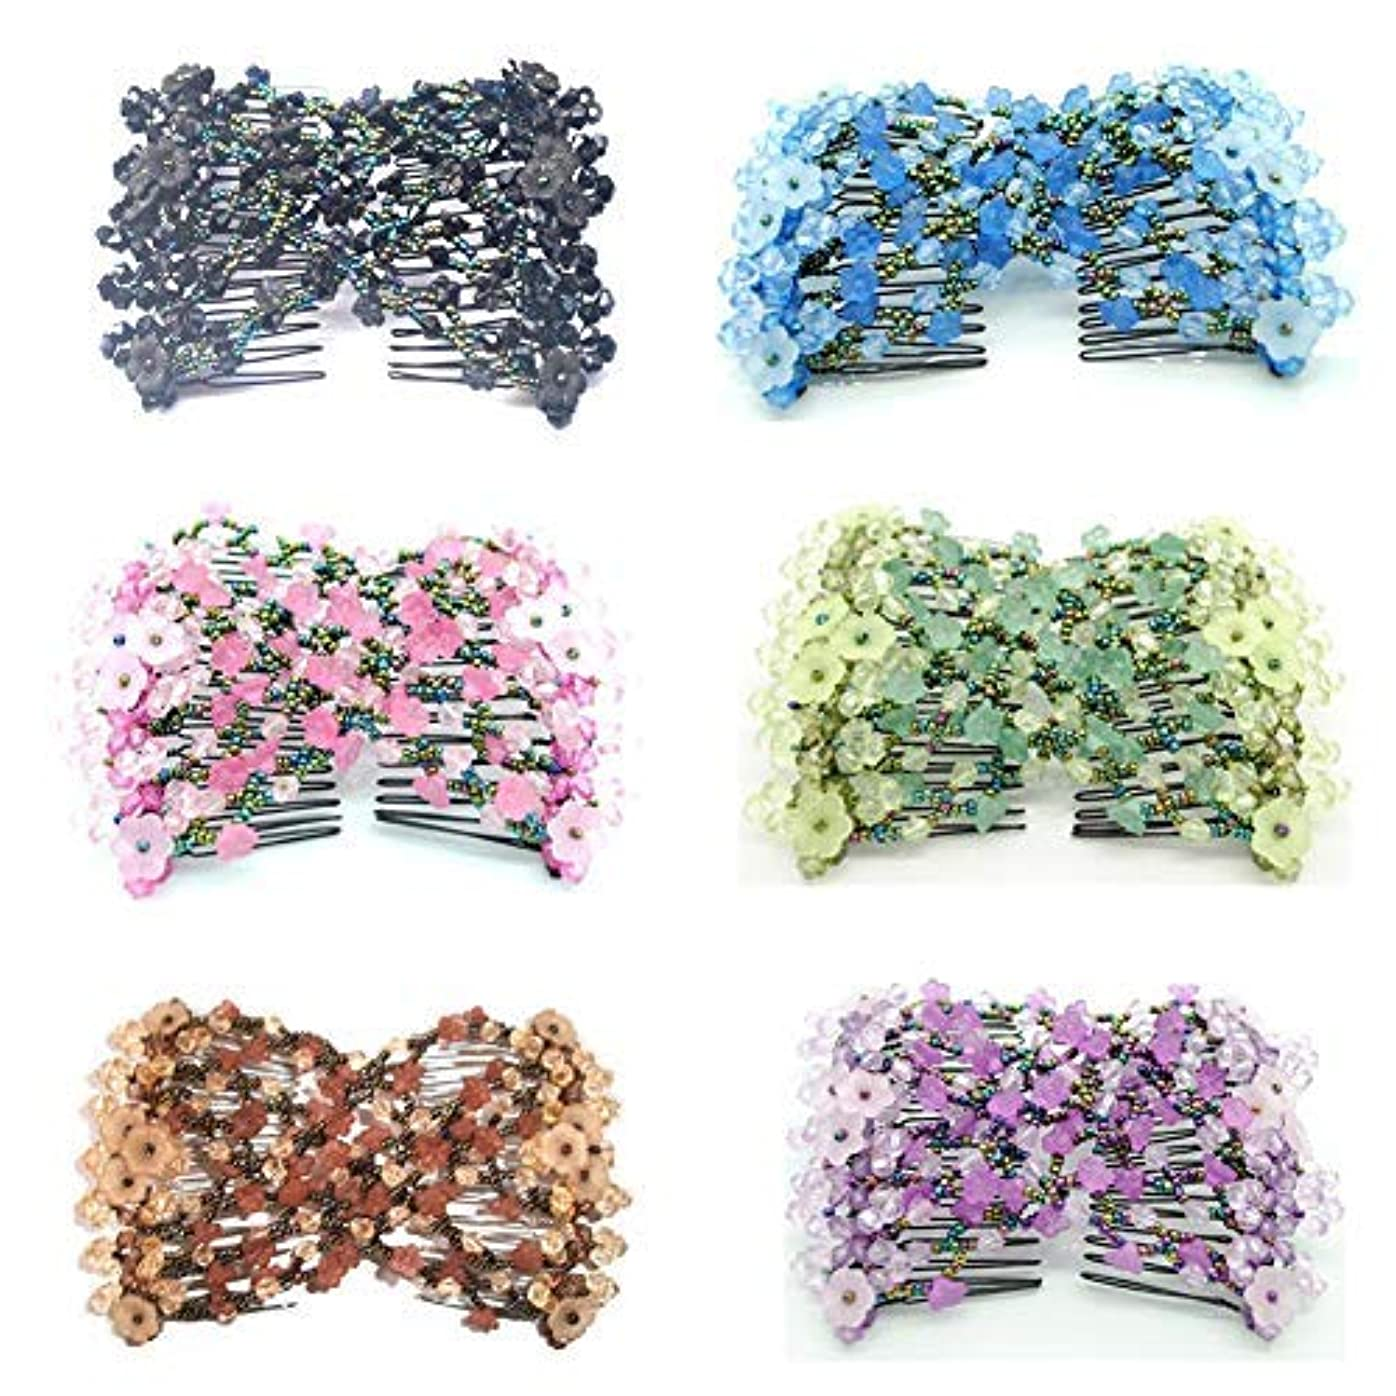 平らにする郵便屋さんフェミニンCasualfashion 6Pcs Magic Ez Combs for Women Hair Bun Maker Accessories, Elastic Beaded Double Hair Clips Combs...